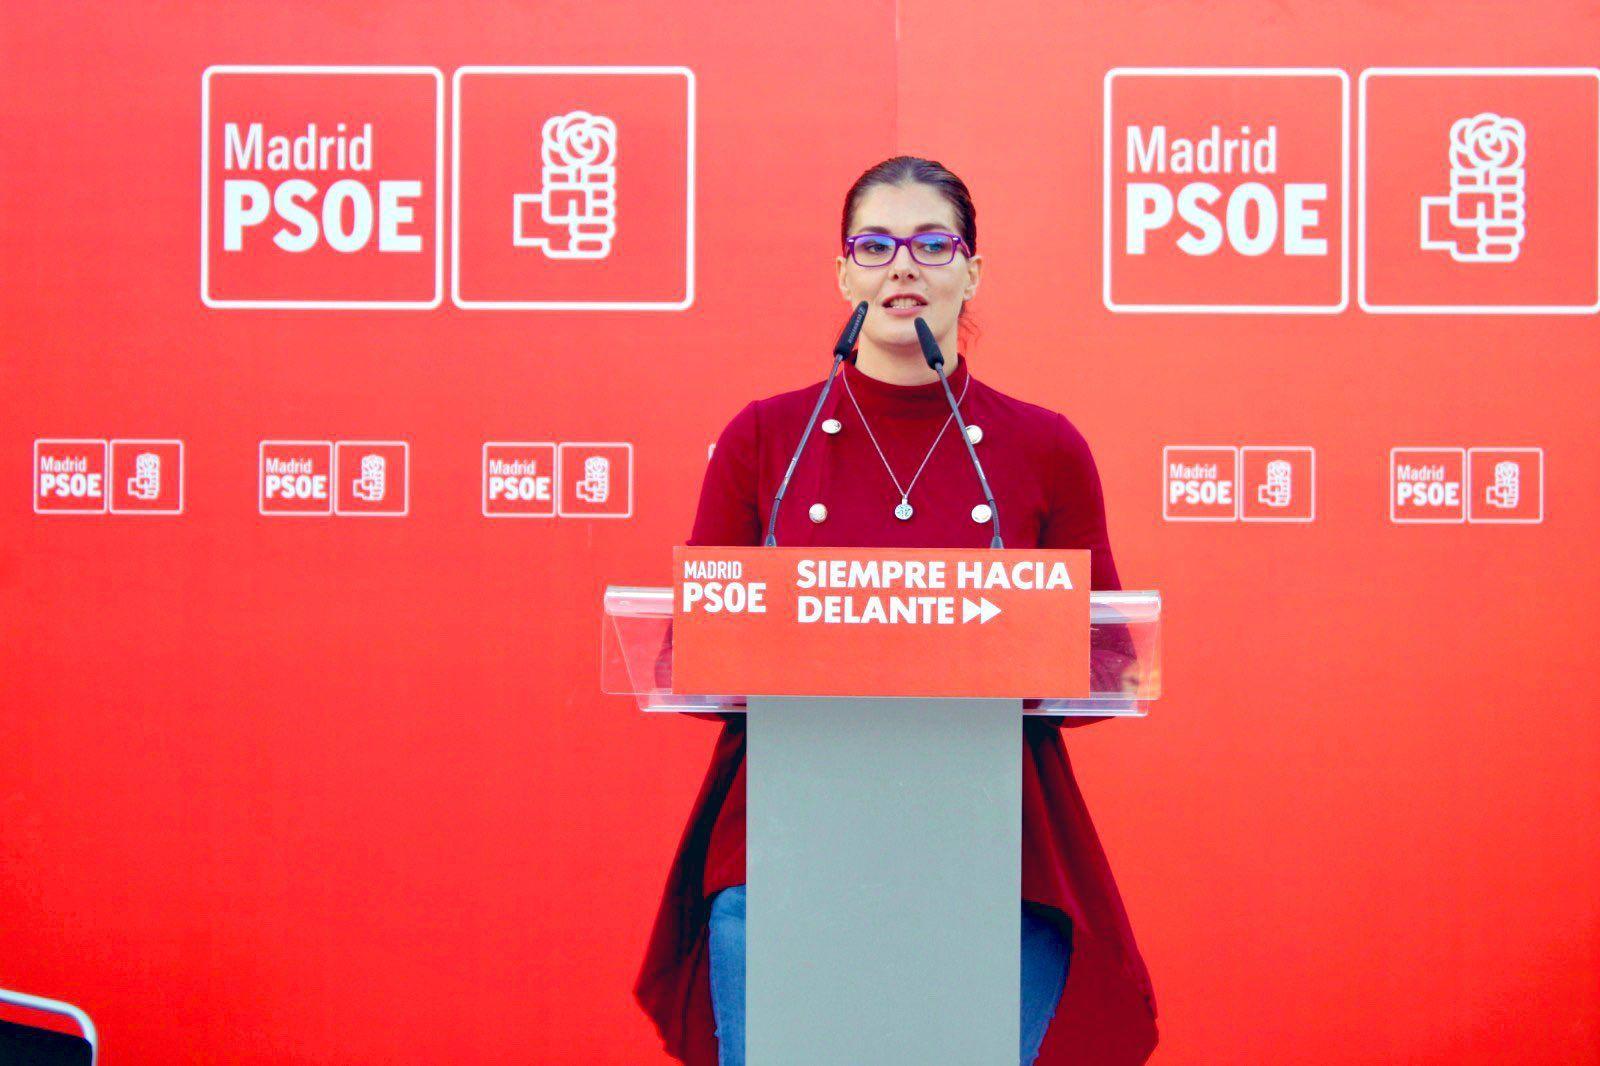 PSOE Acto Ernesto Peces 14